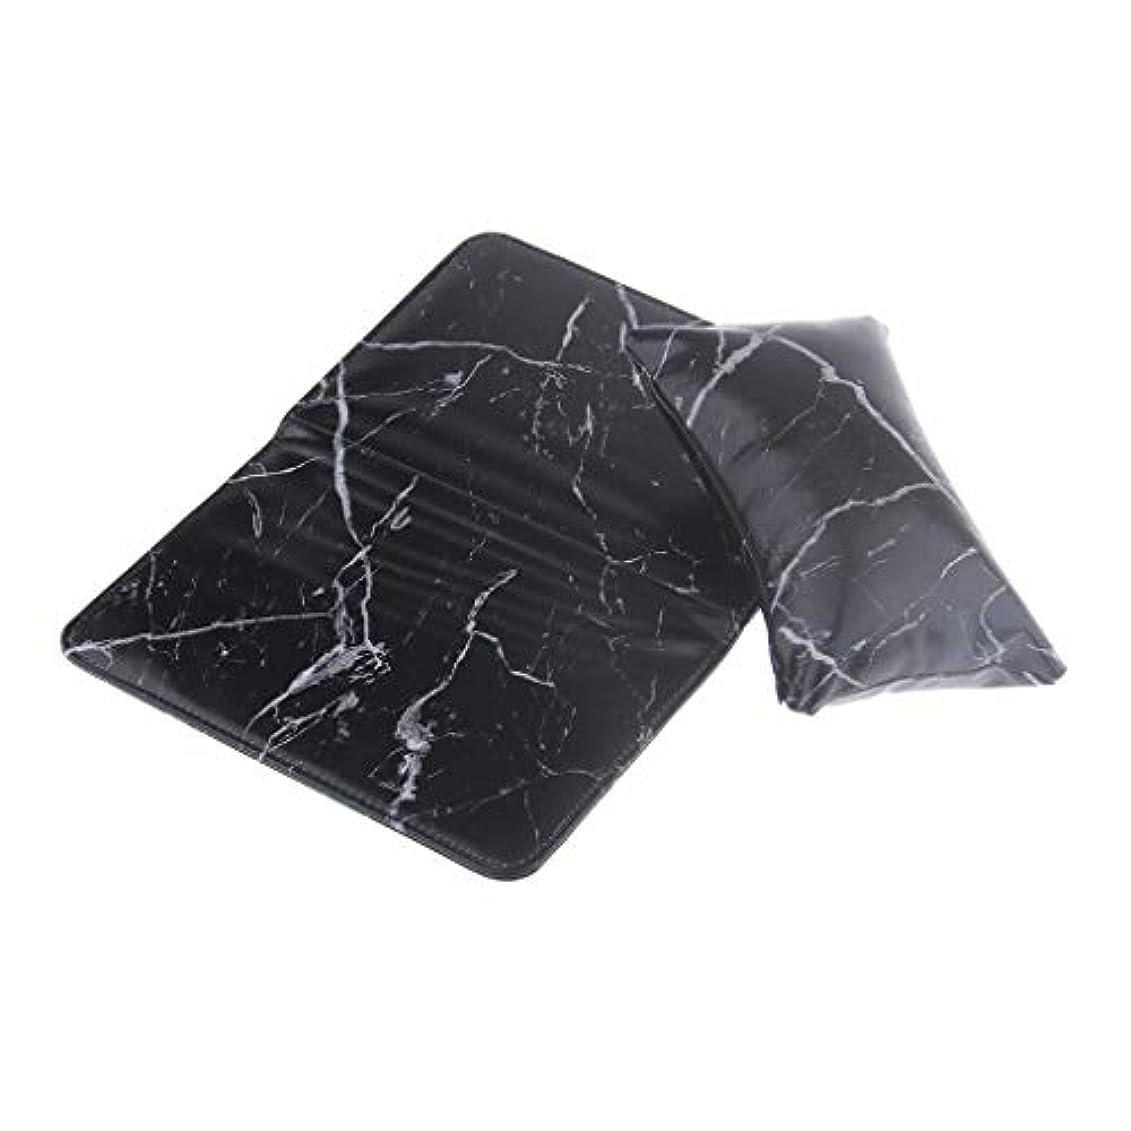 パーティー柔らかさコウモリネイルアート ハンドクッションピロー 折りたたみ式パッド アームレストホルダー PUレザー 2色選べ - ブラック